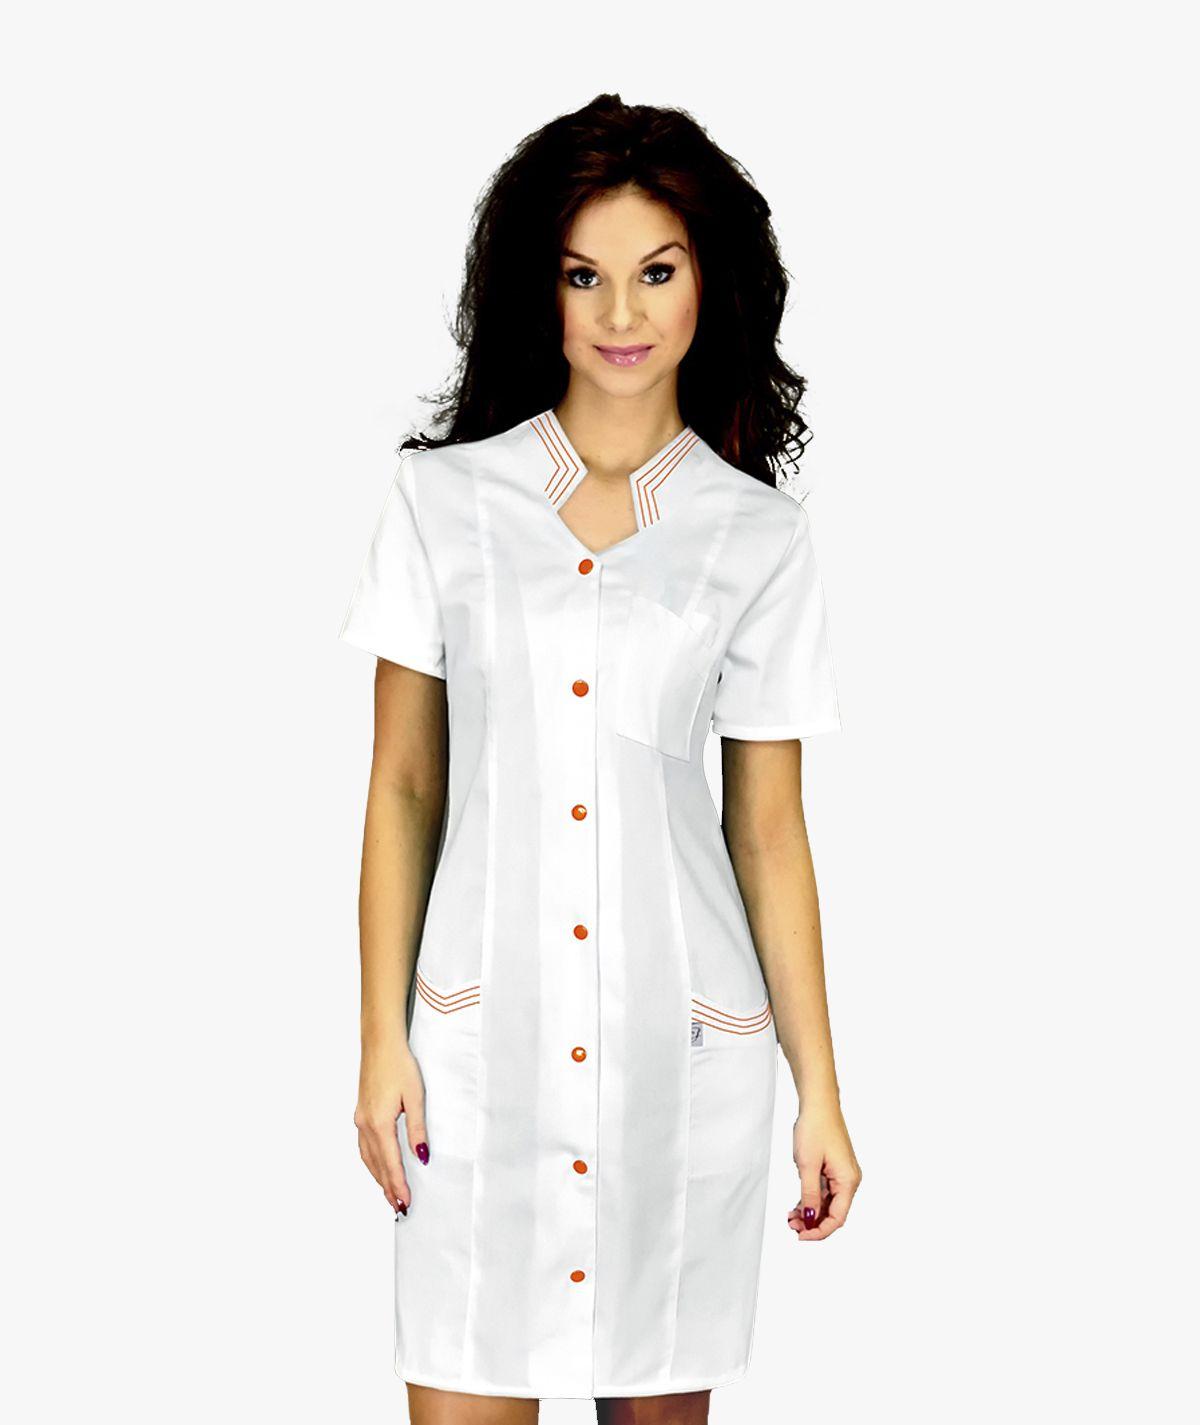 Biała sukienka medyczna Otylia